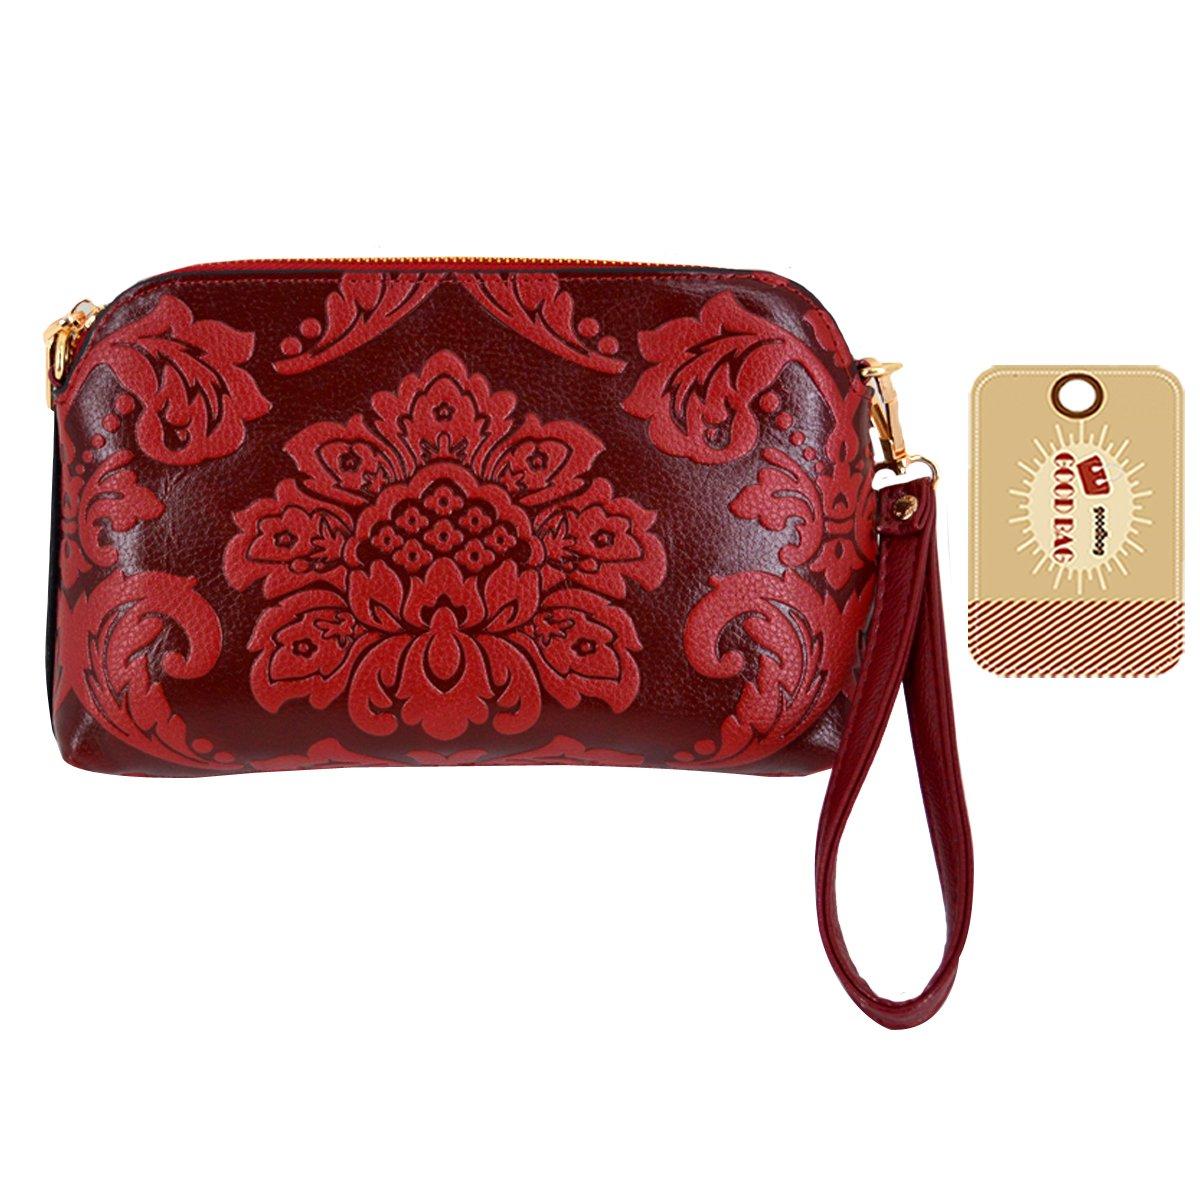 Goodbag Boutique Fashion Floral Embossed Tote Handbag Women Leather Shoulder Bags Wristlets Wallets Crossbody Bag Red